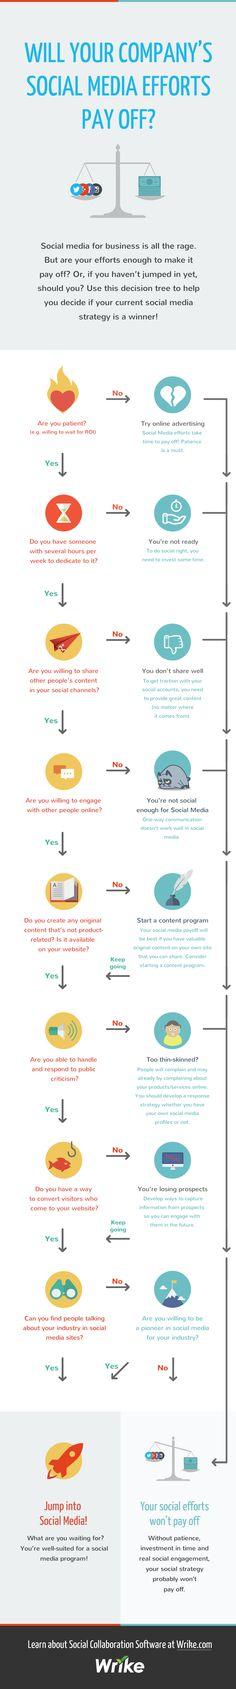 Social Media Marketing Go / No Go Decision Tree #Infographic